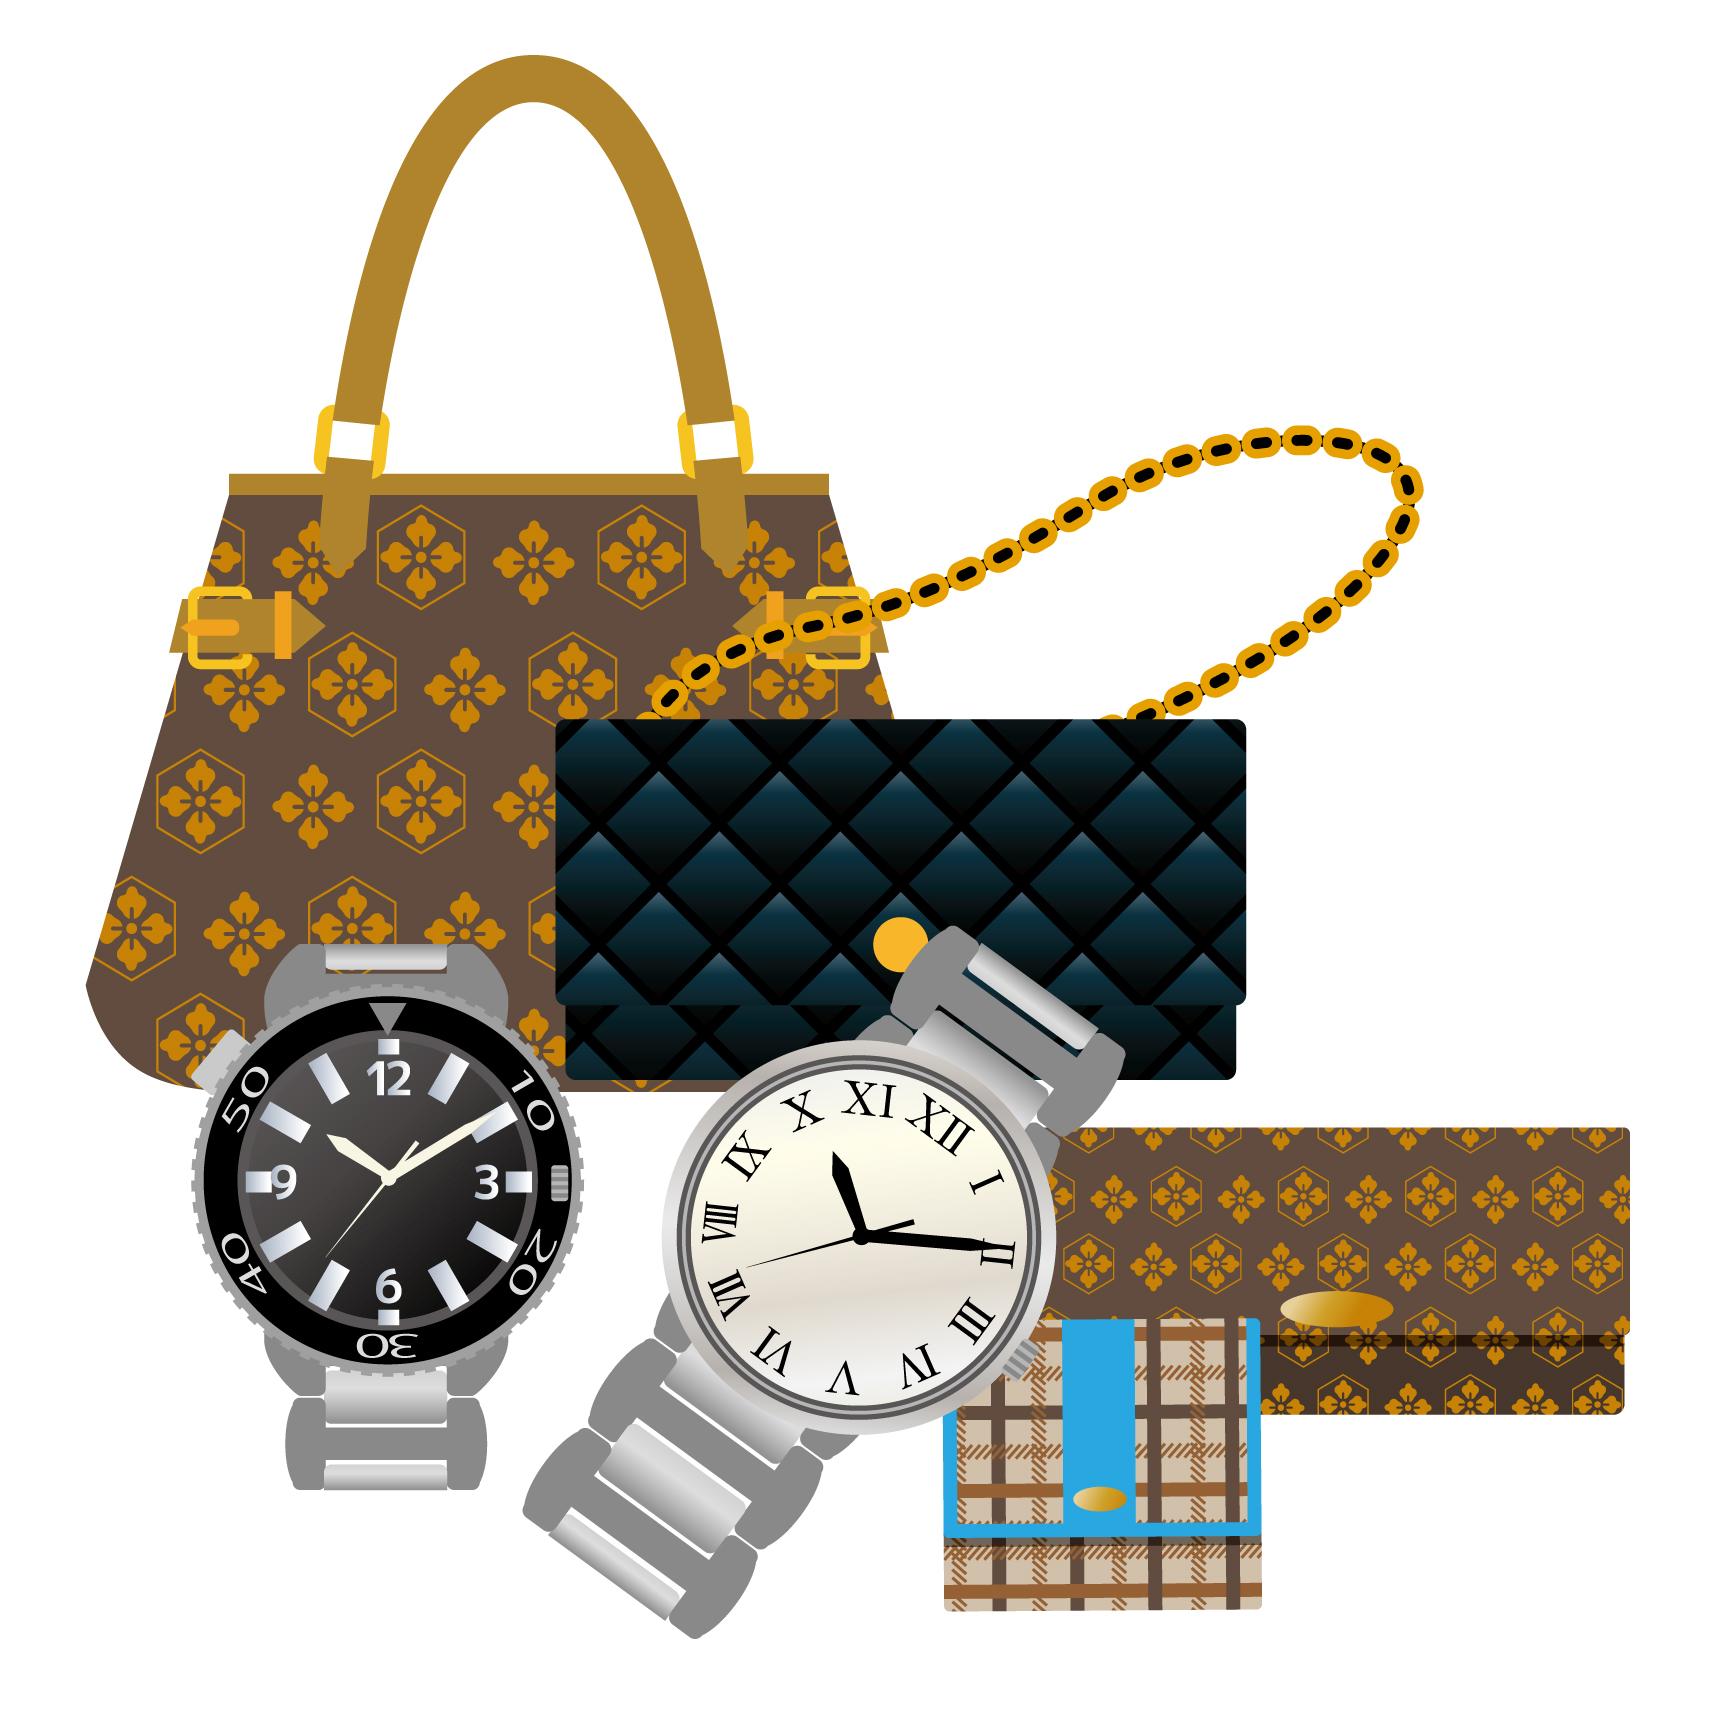 素材 ブランドバッグ 買い物 財布 時計 忘れ物 質